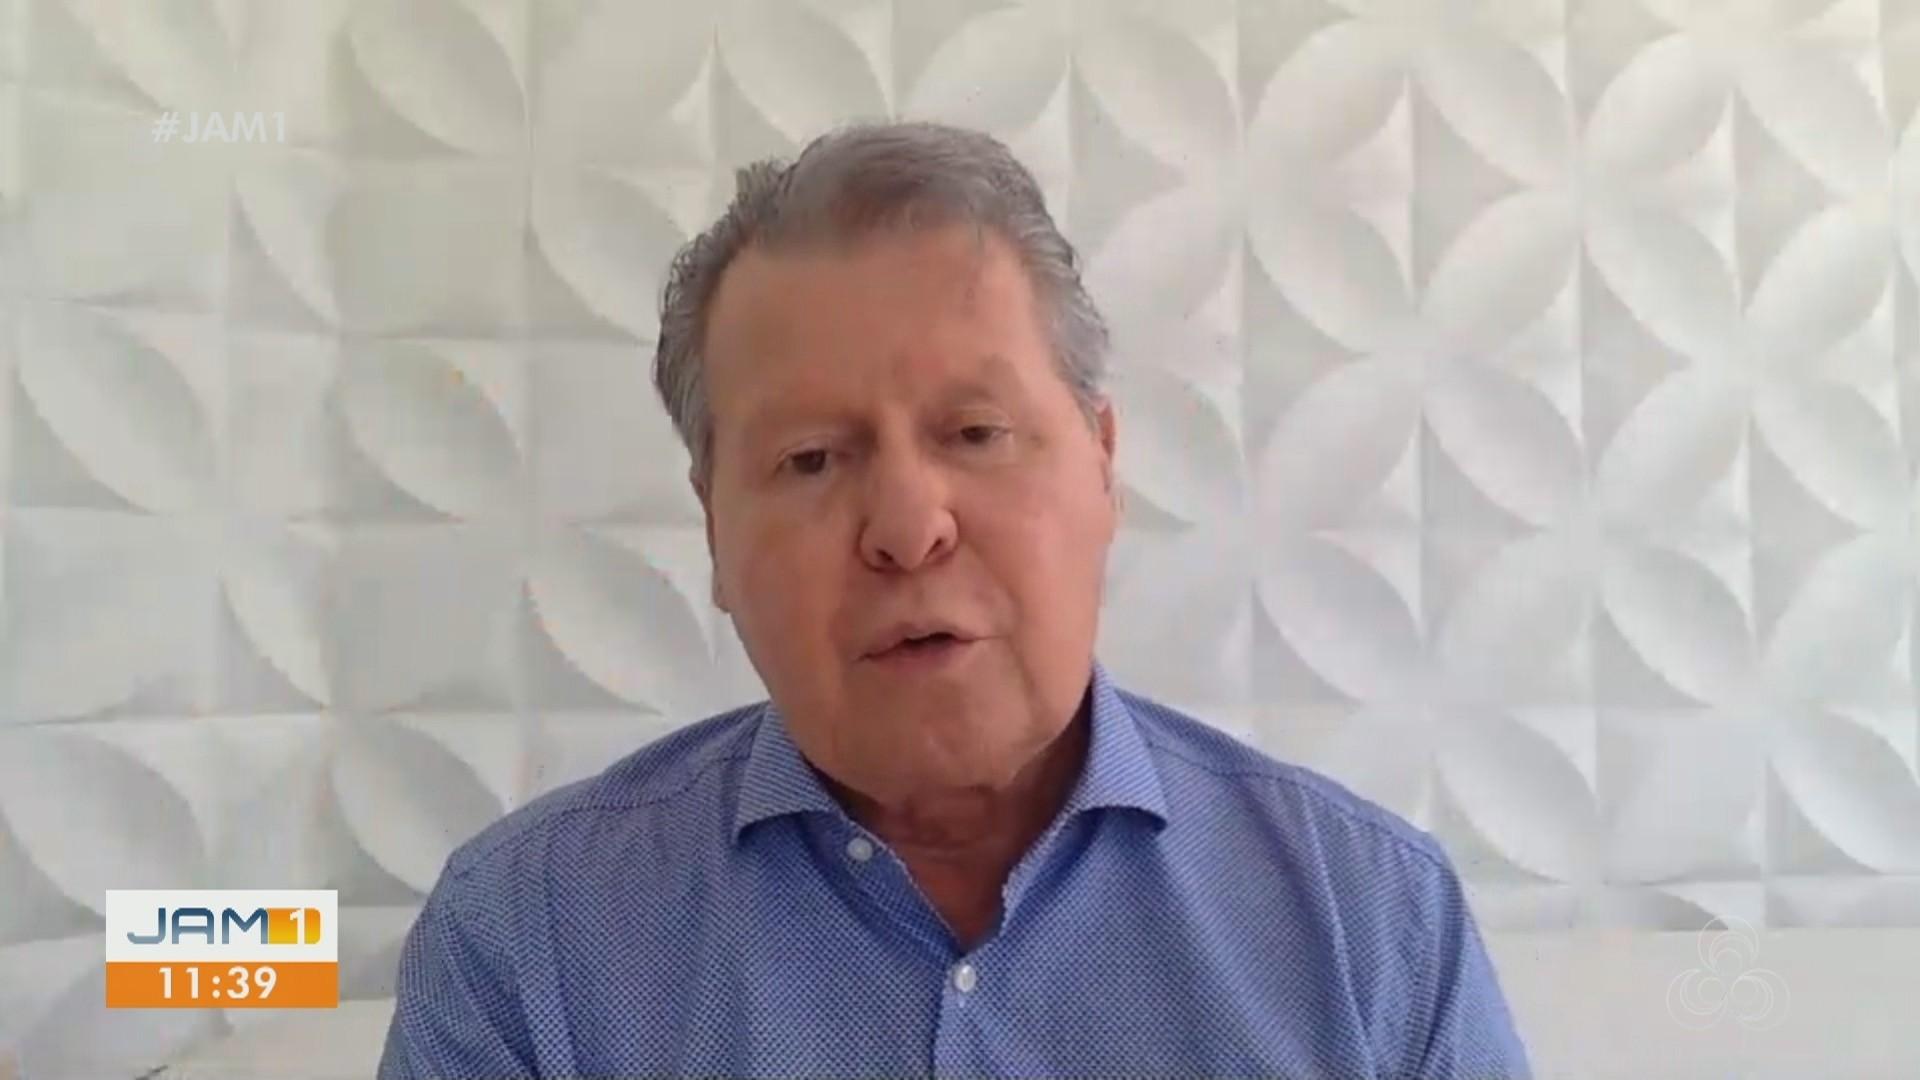 VÍDEO: Deputado é investigado por crimes de corrupção no AM; veja outros destaques do JAM 1